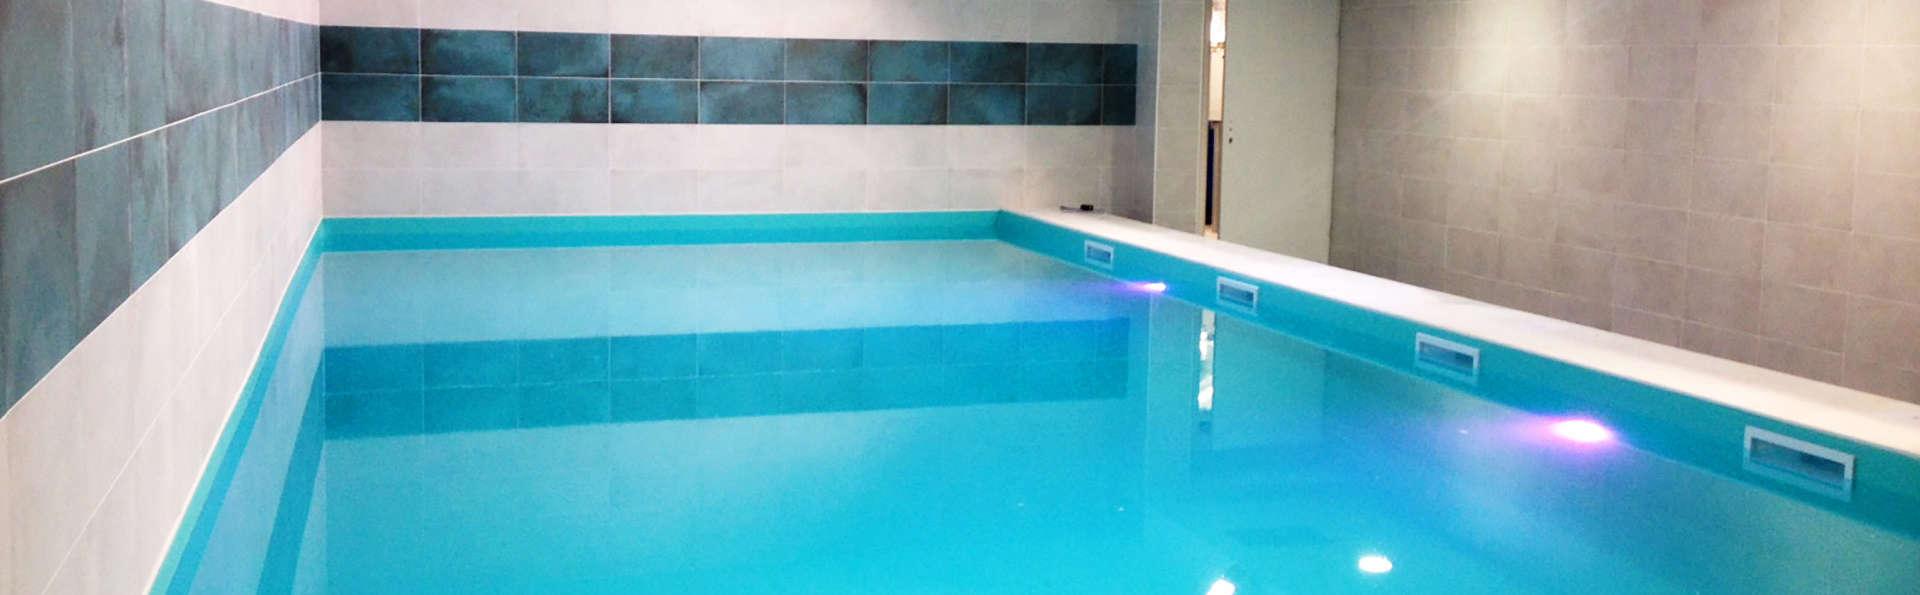 Nemea Appart'Hotel Résidence Le Quai Victor - EDIT_pool.jpg